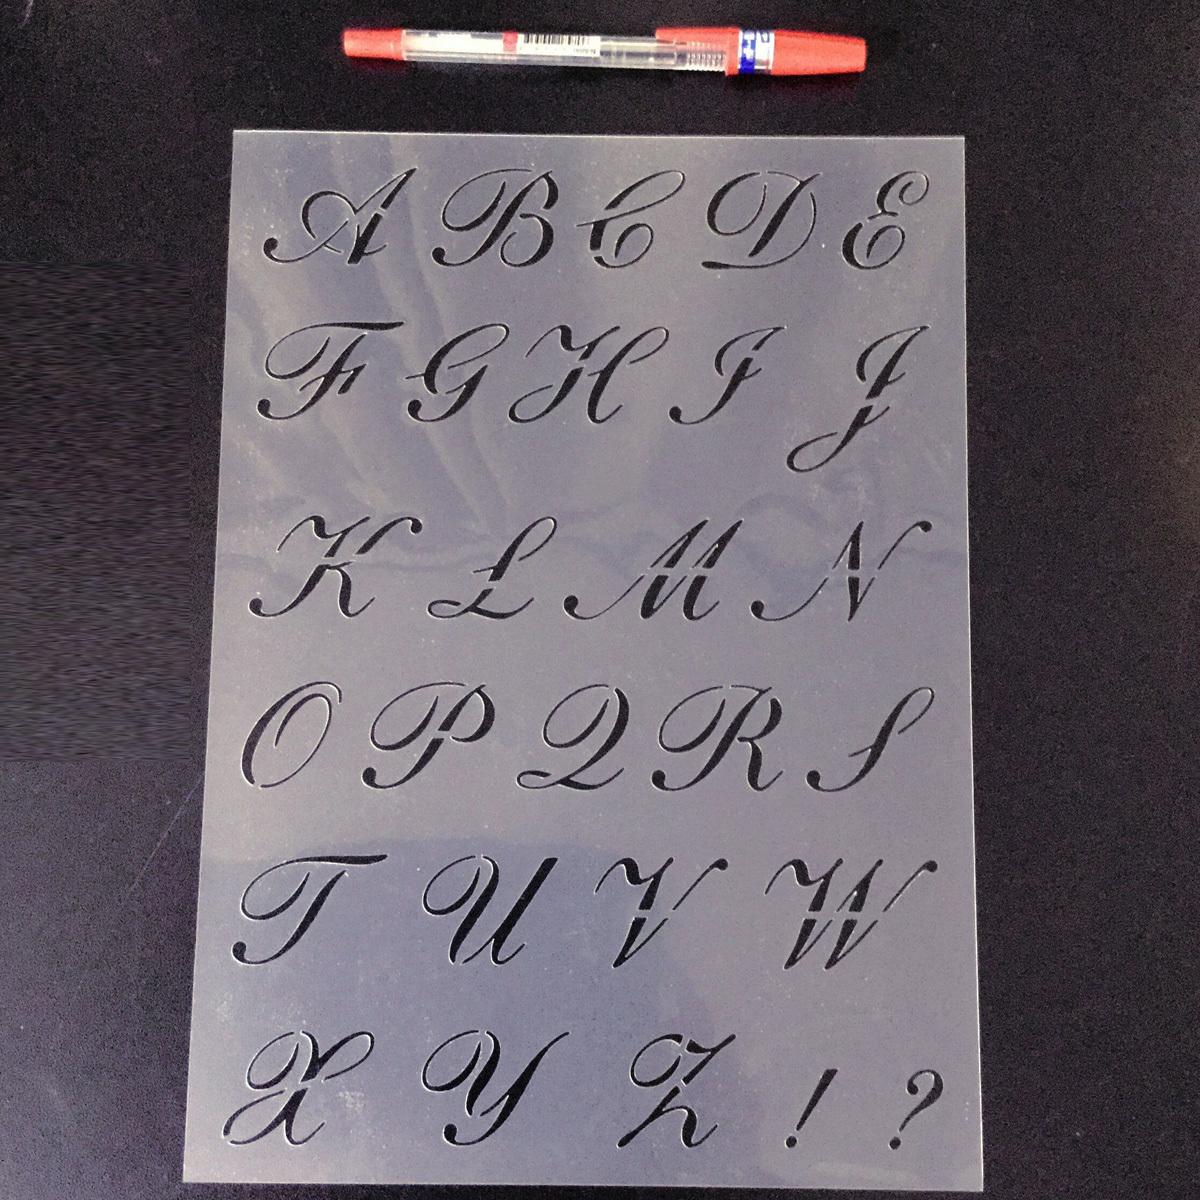 スクリプト欧文書体①番 アルファベット 大文字 サイズ縦3センチ基準 sb1 ステンシルシート NO121_画像9